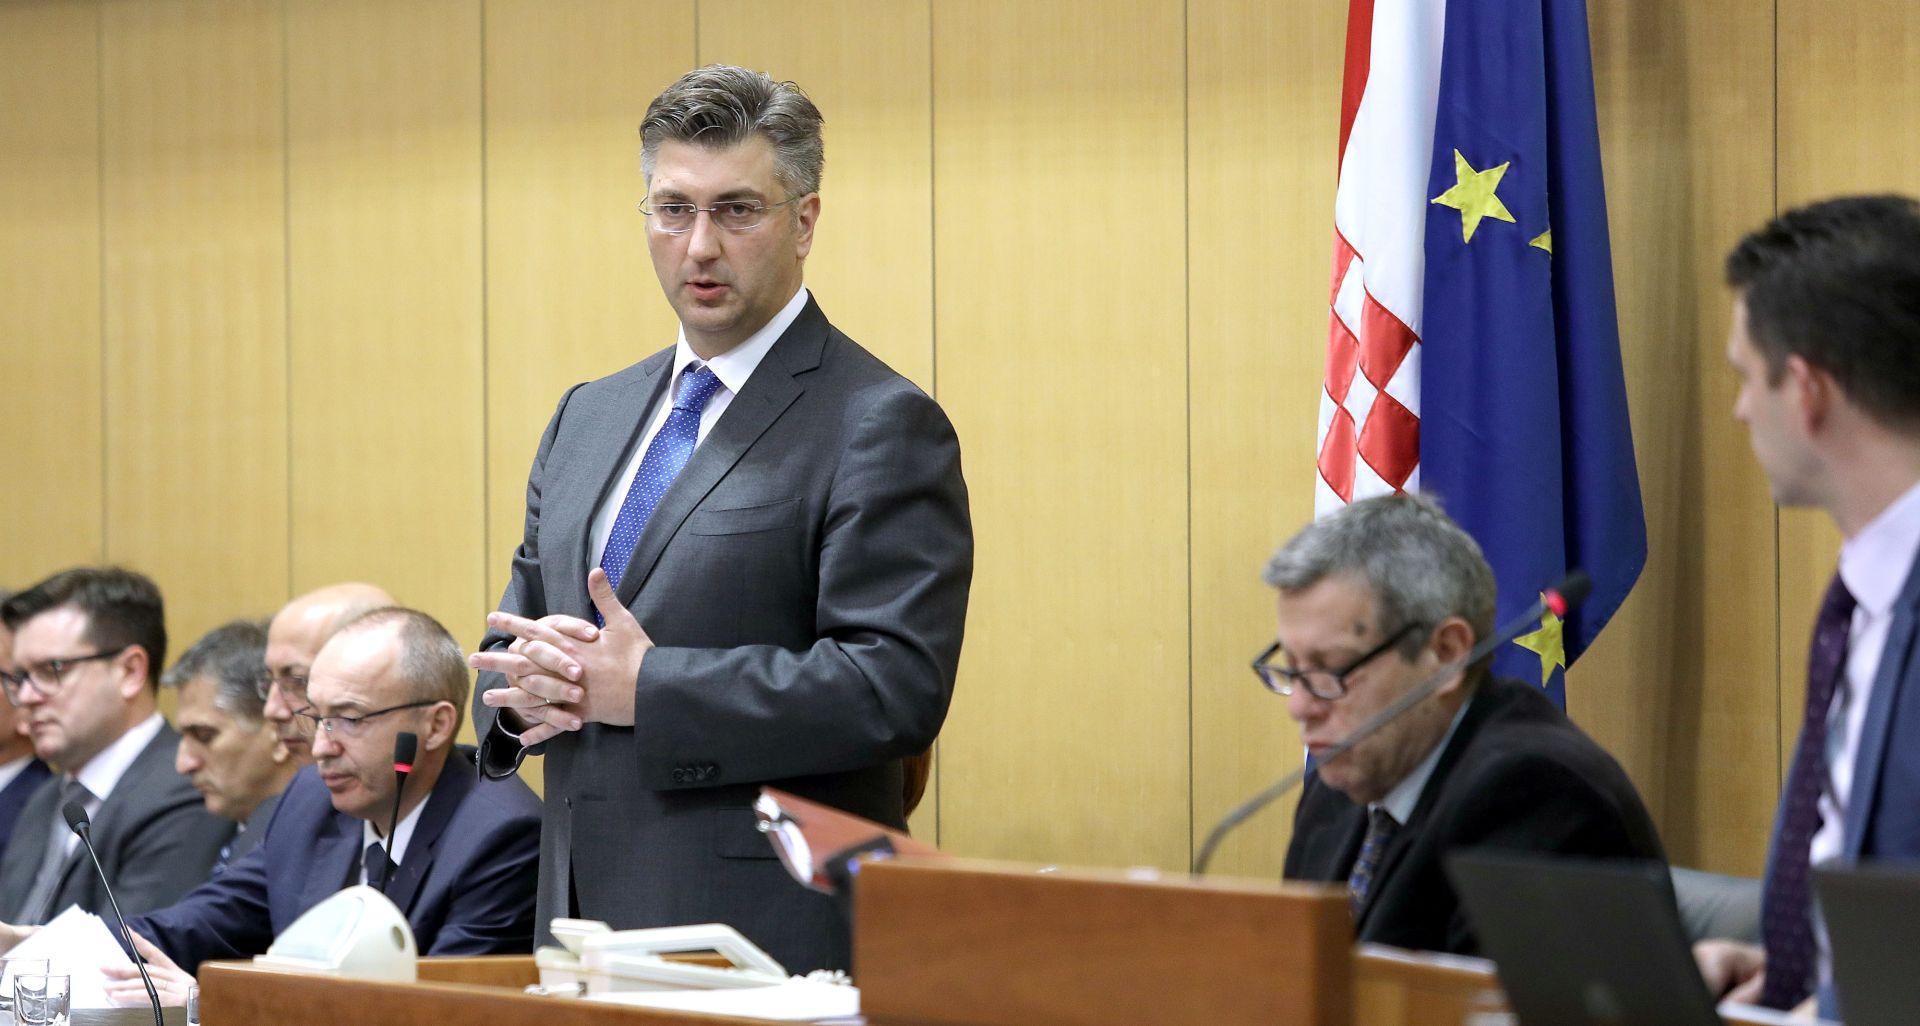 """PLENKOVIĆ BRANIO BARIŠIĆA Tomić: """"Vama odgovaraju što neobrazovaniji građani jer su uglavnom takvi vaši glasači"""""""